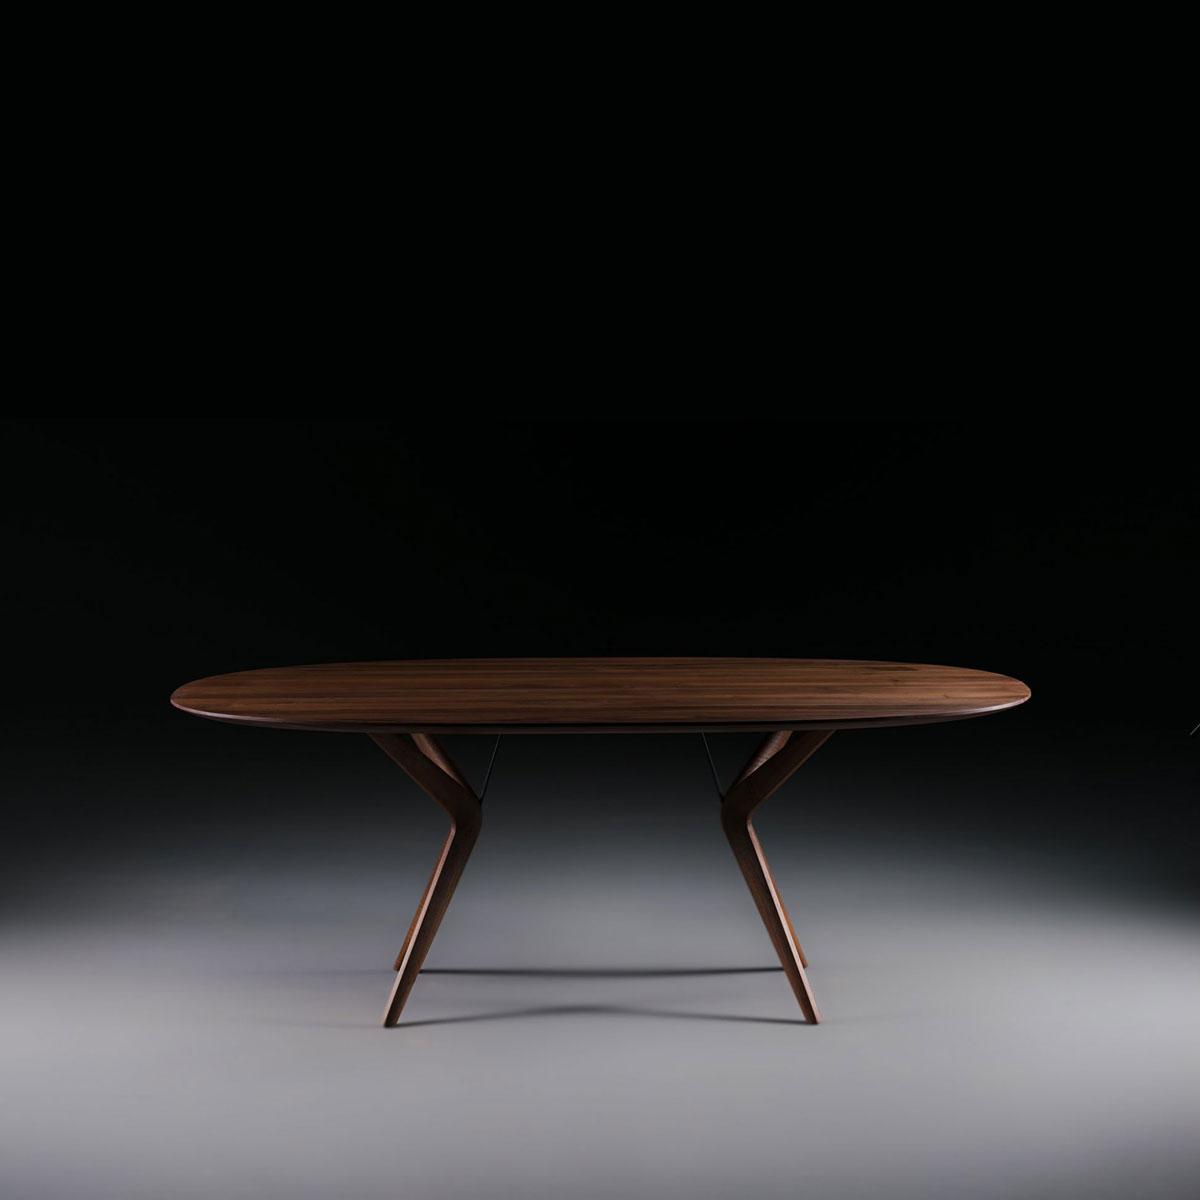 Mesa lakri oval en madera moderna y artesana europea de - Mesa madera diseno ...